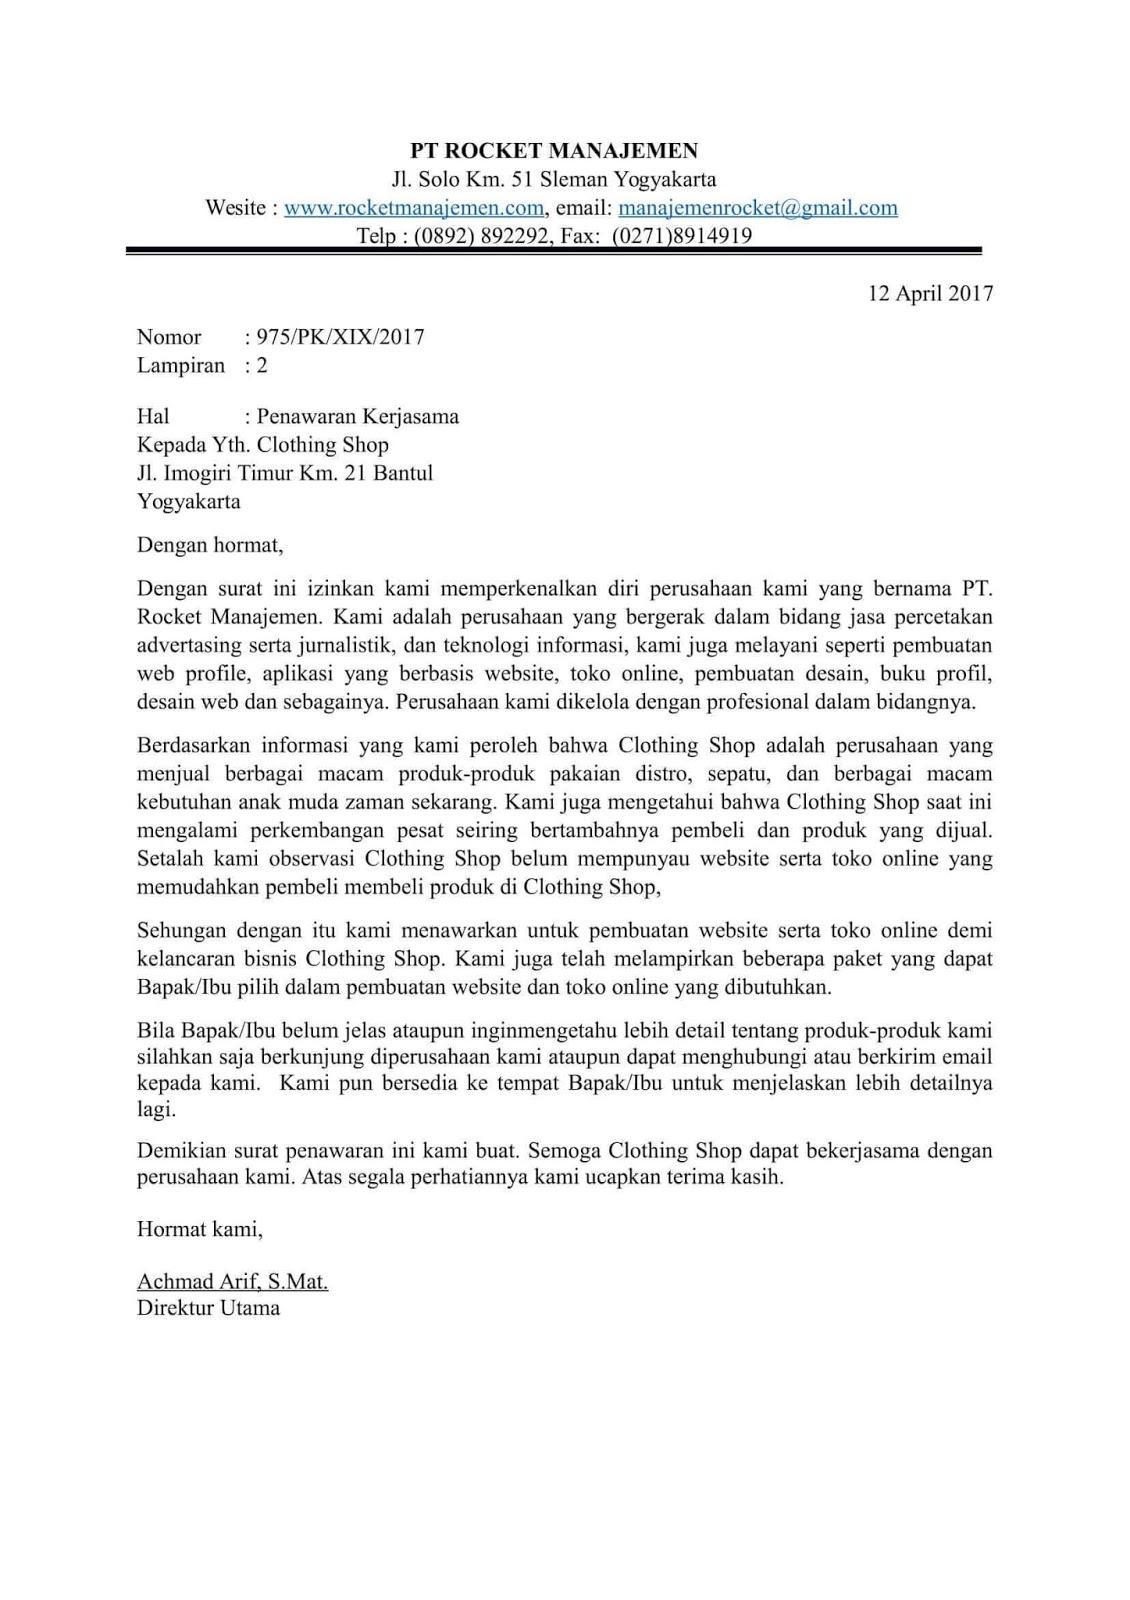 Contoh Surat Penawaran Kerjasama Jasa